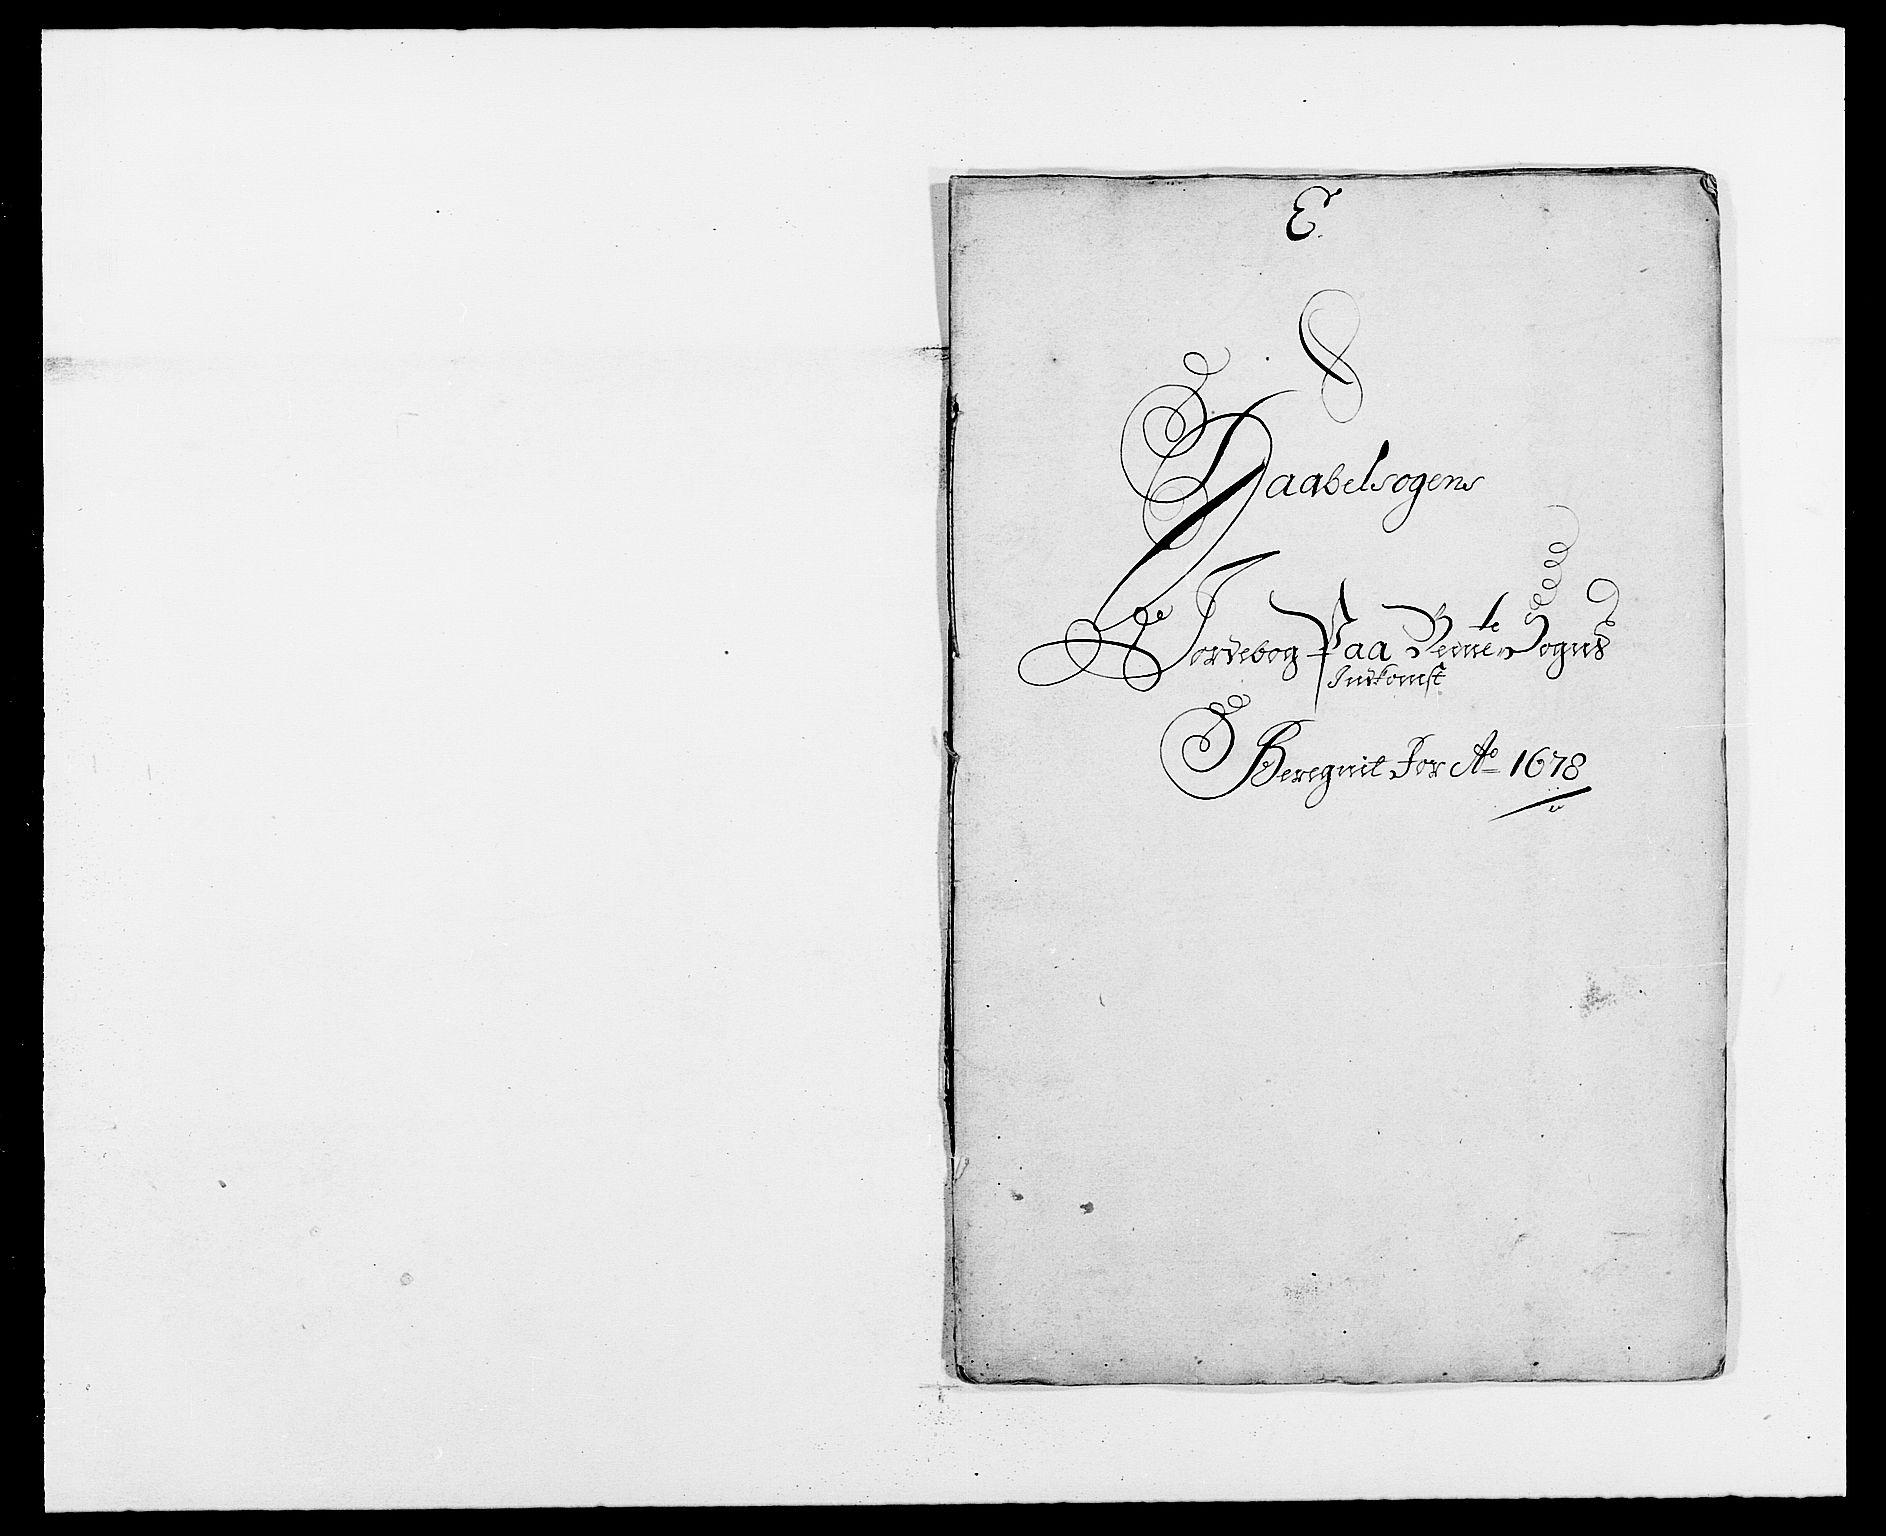 RA, Rentekammeret inntil 1814, Reviderte regnskaper, Fogderegnskap, R02/L0099: Fogderegnskap Moss og Verne kloster, 1678, s. 120